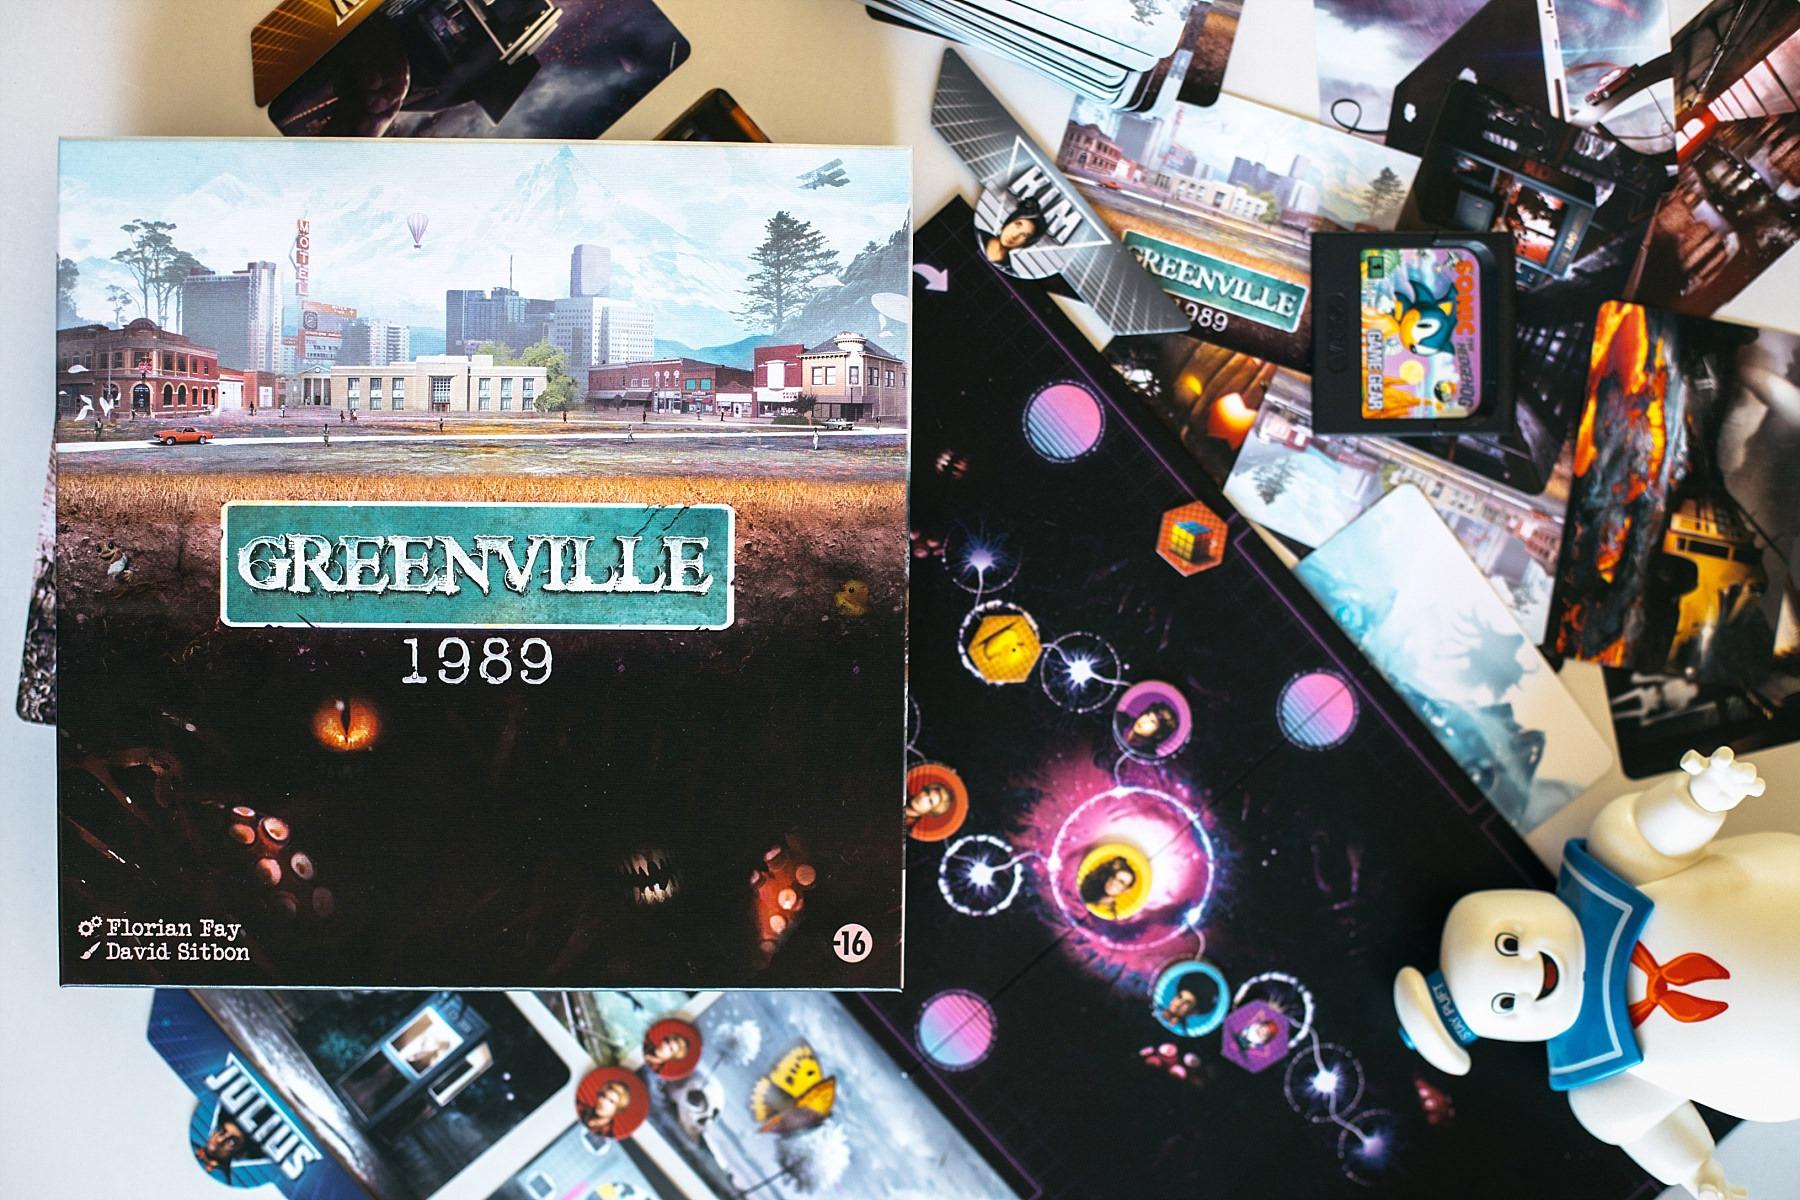 Greenville 1989 jeu de société